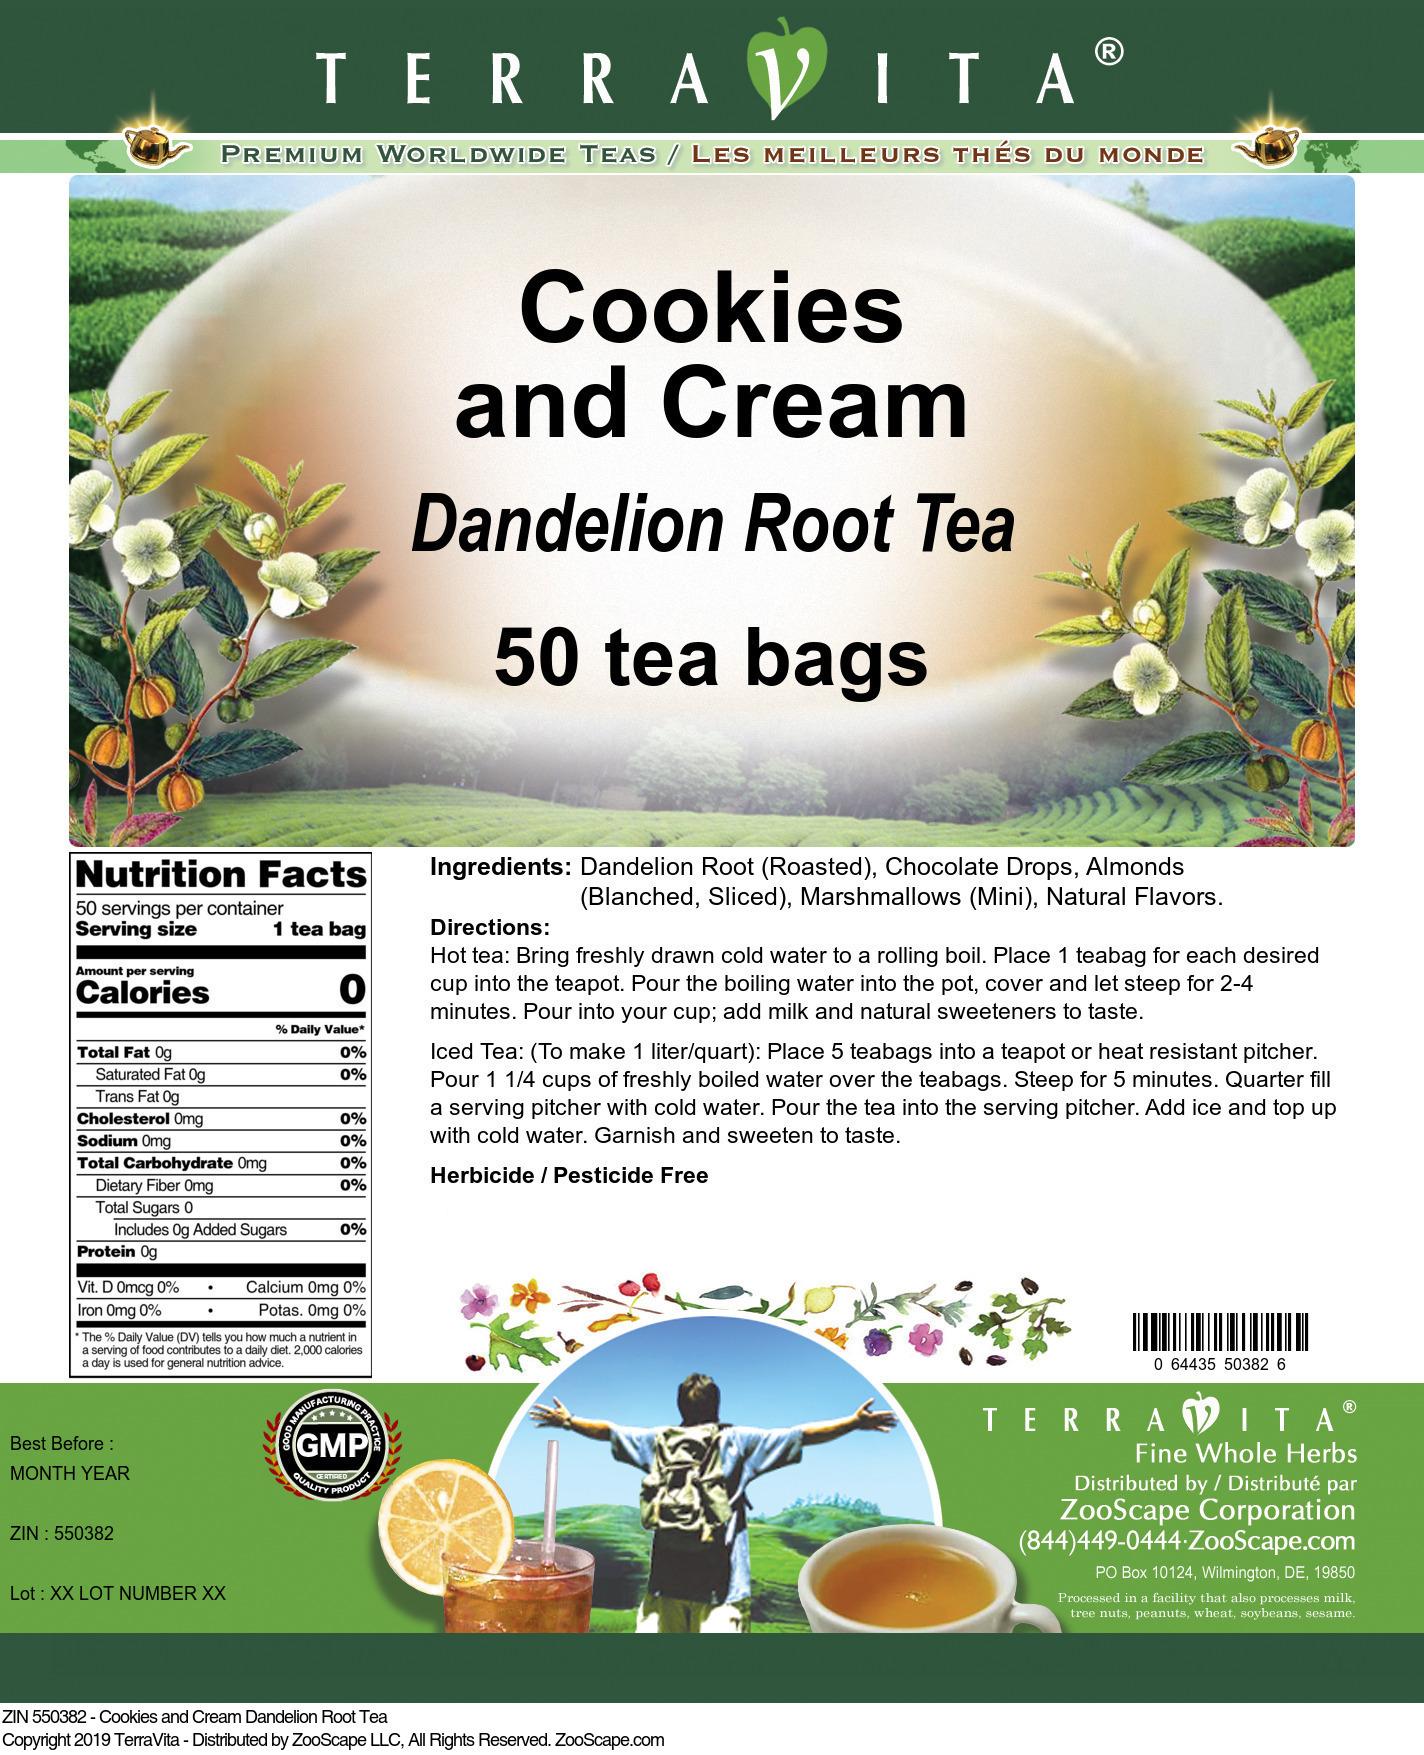 Cookies And Cream Dandelion Root